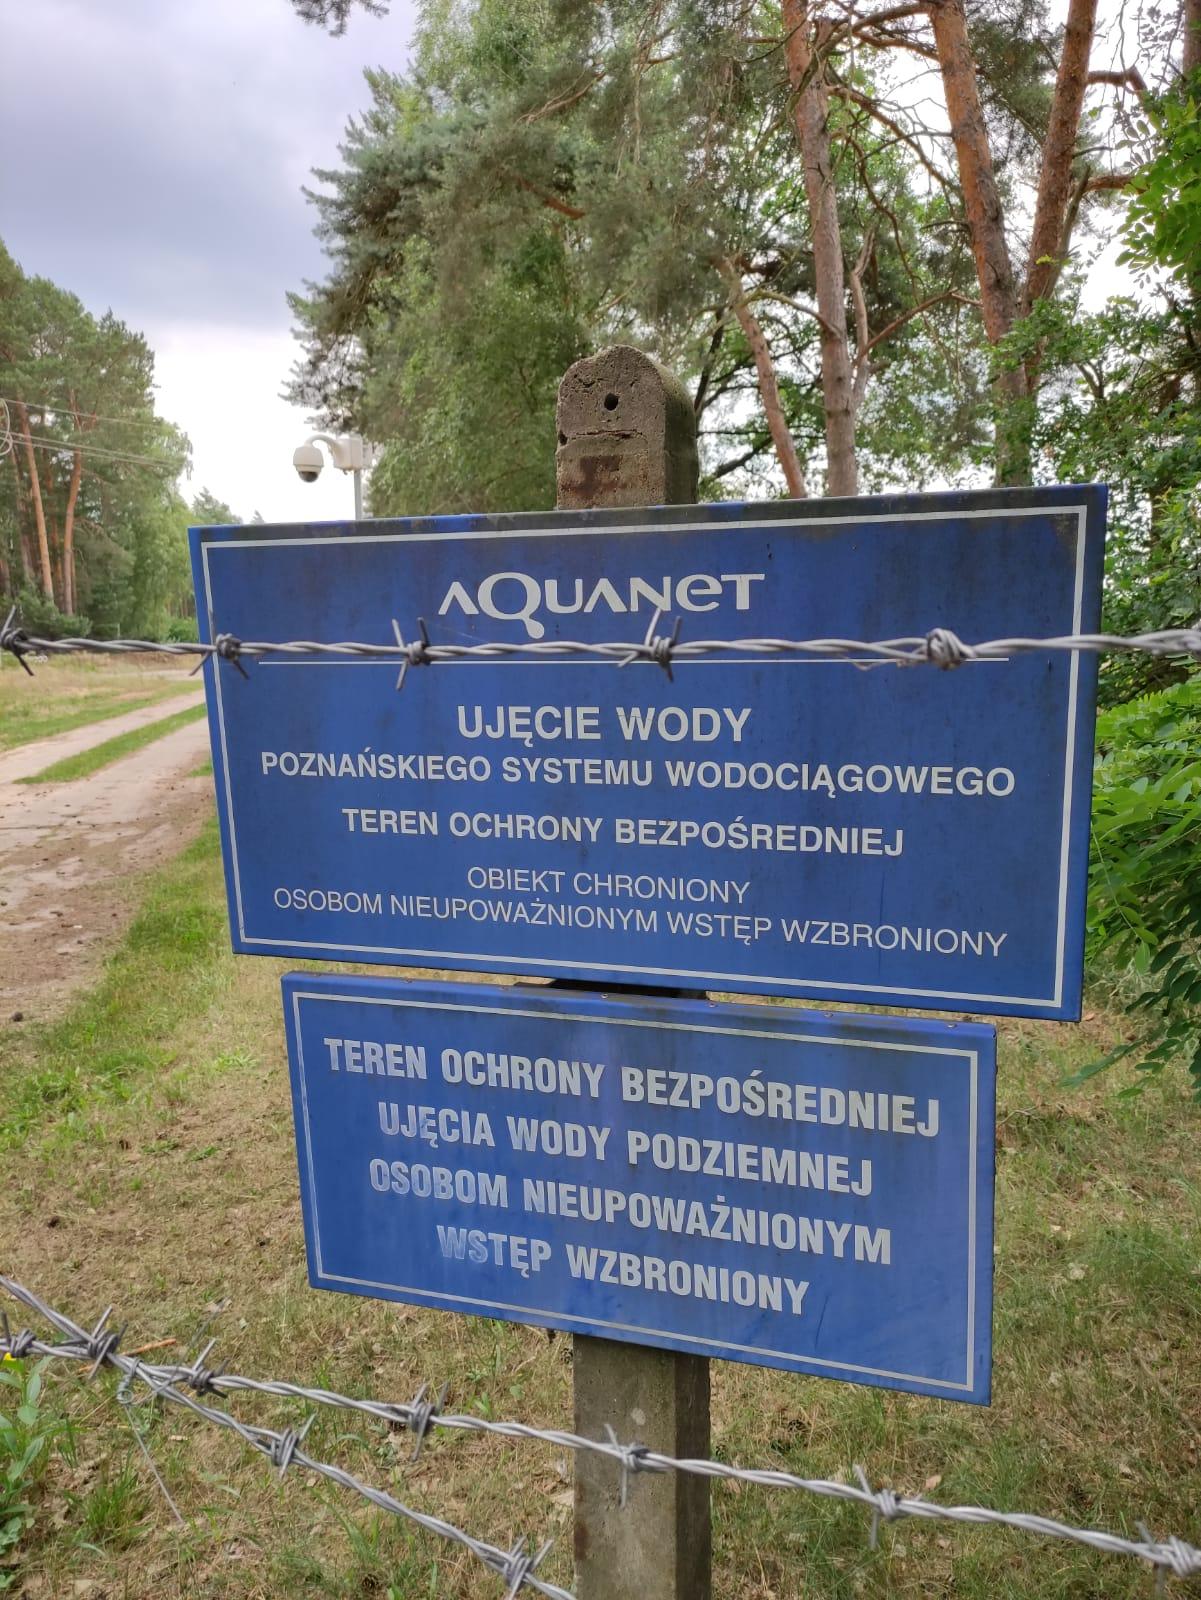 Wykonawca prac na terenie Ujęcia Wody odpowiada na działania Aquanetu